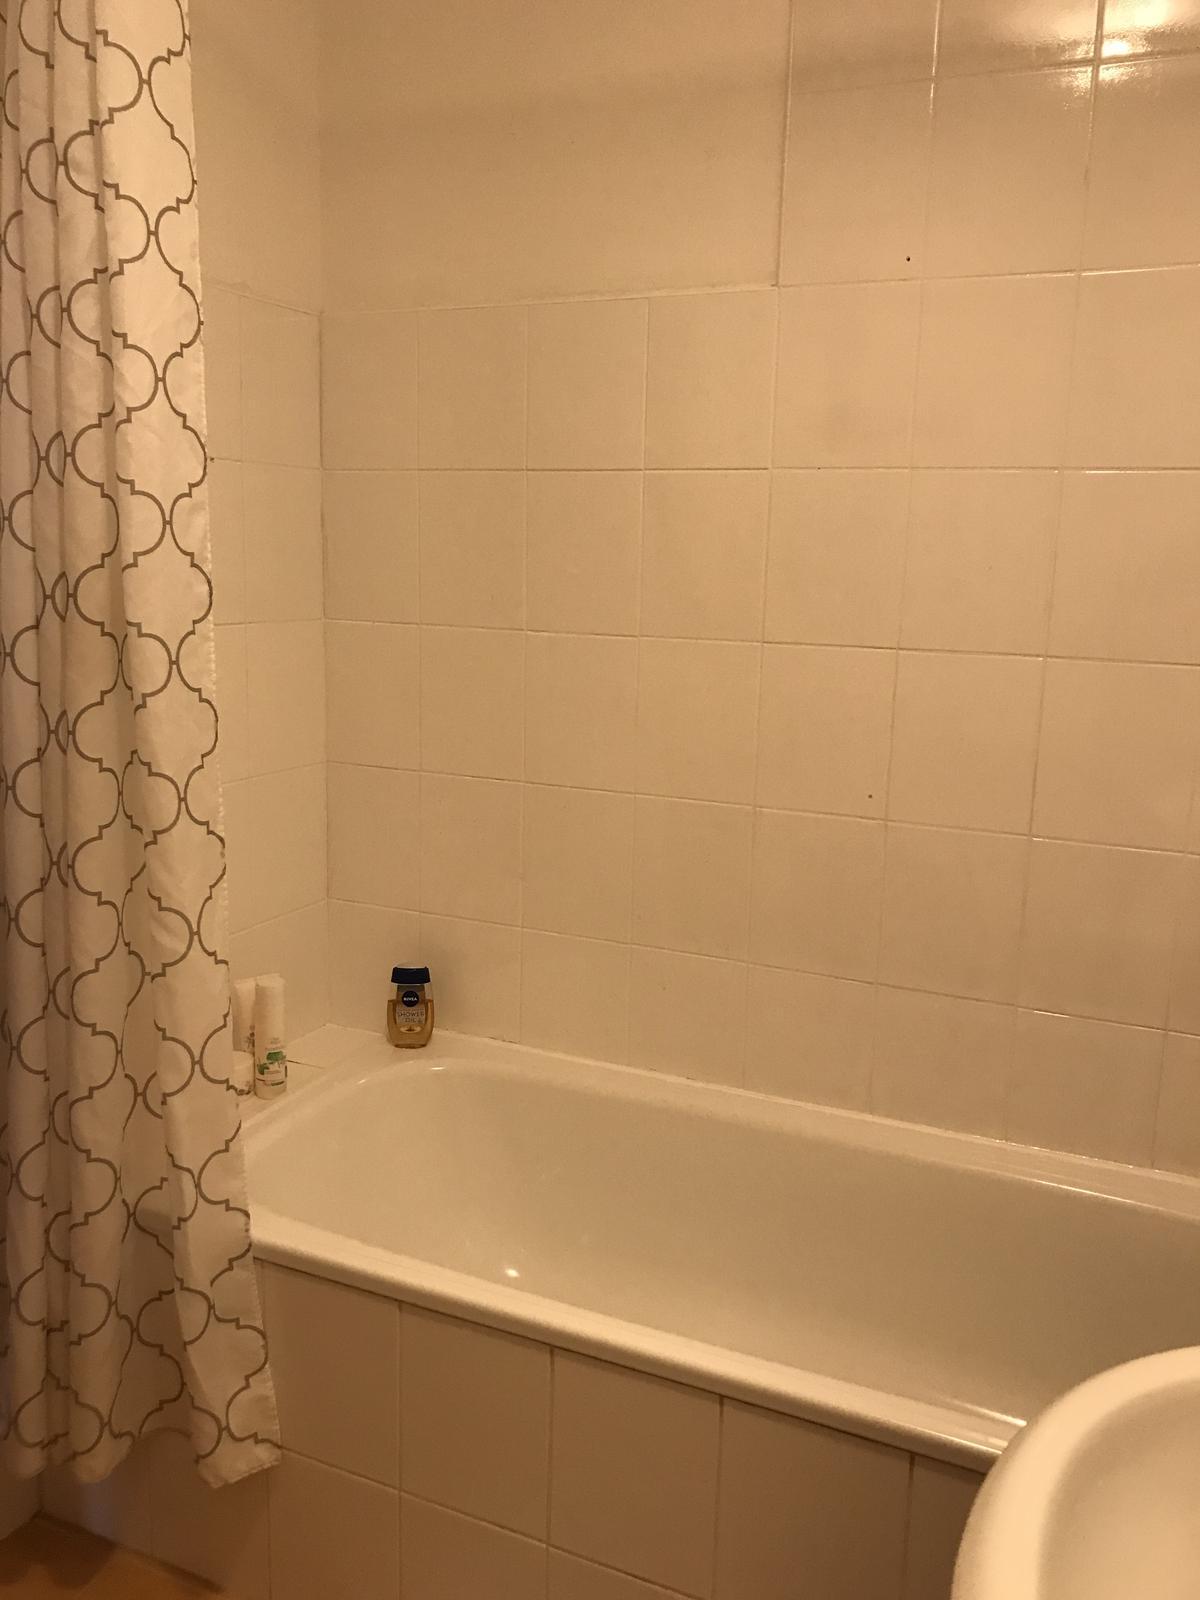 Z příšerné koupelny tvořím trochu lepší 💪 - Obrázek č. 14